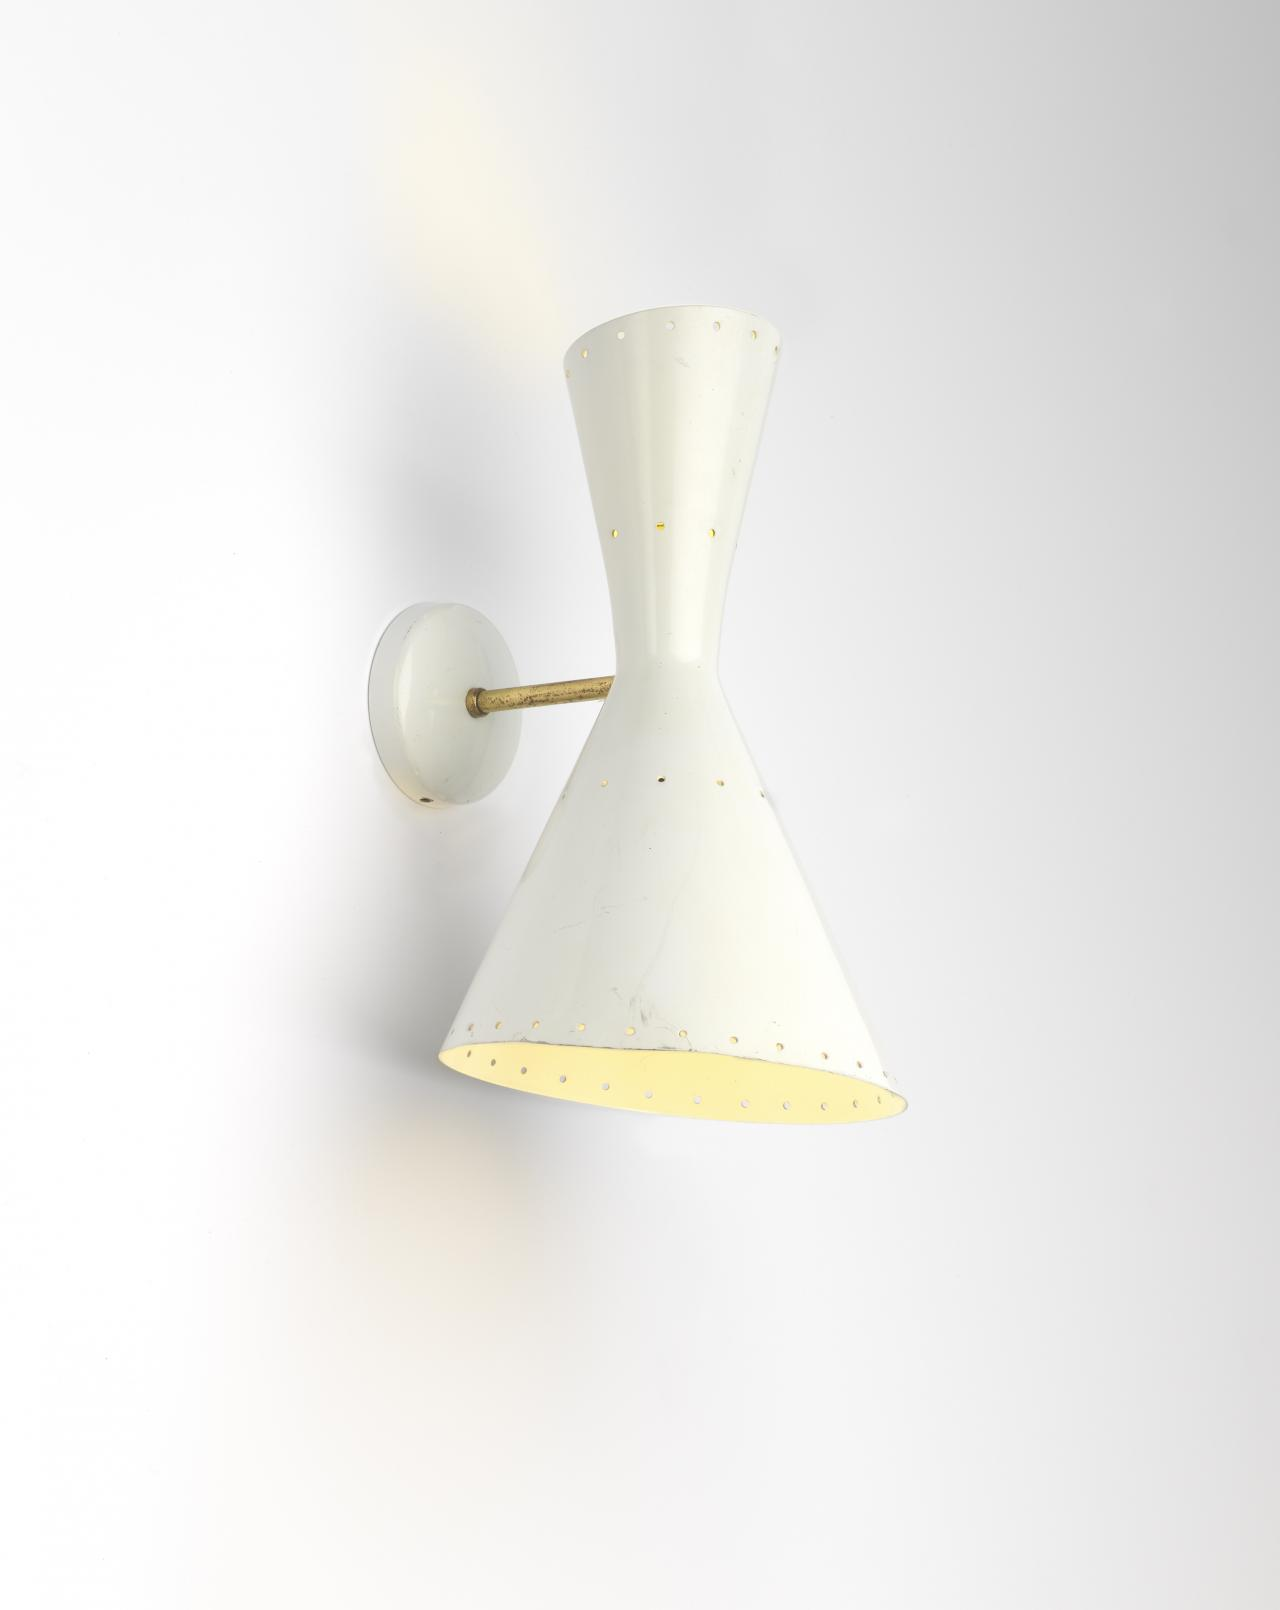 Beco Lamp Don Brown Designer Evans Co